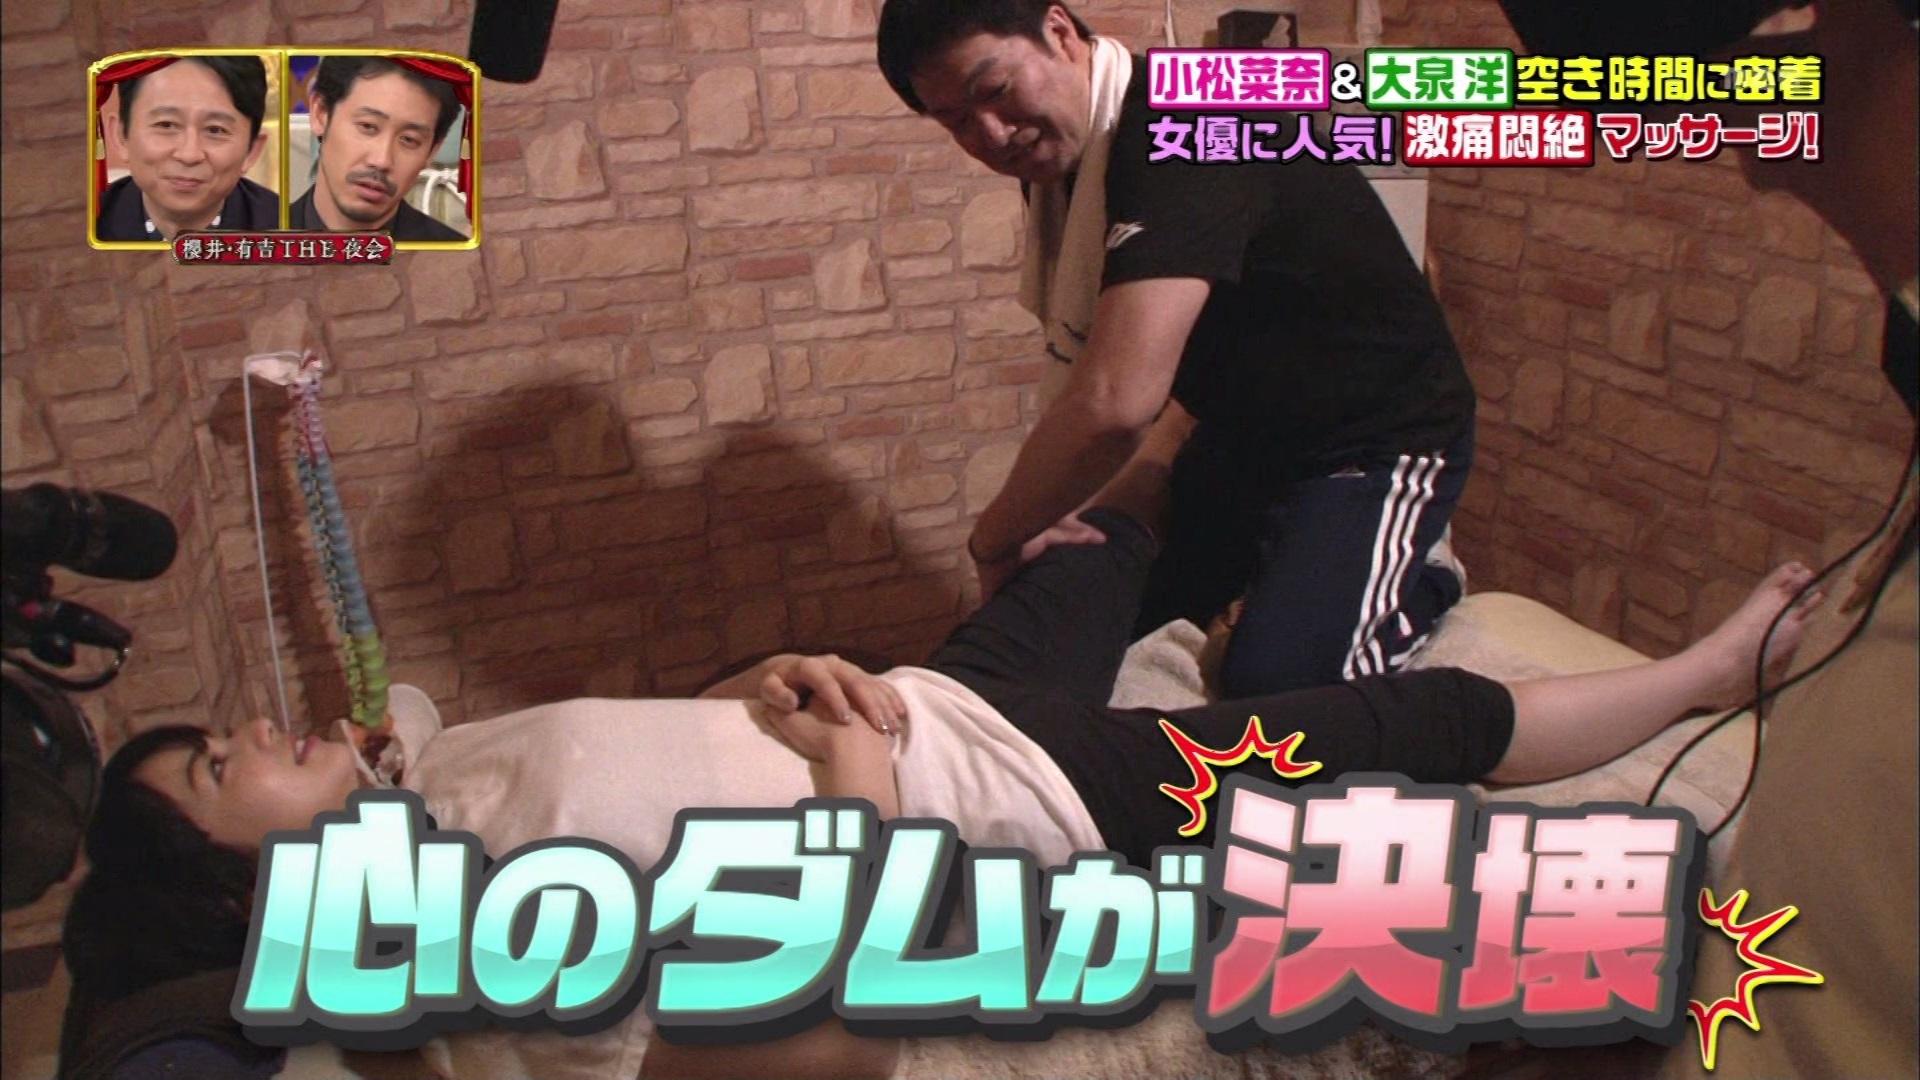 小松菜奈_マッサージ_テレビキャプ画像_16